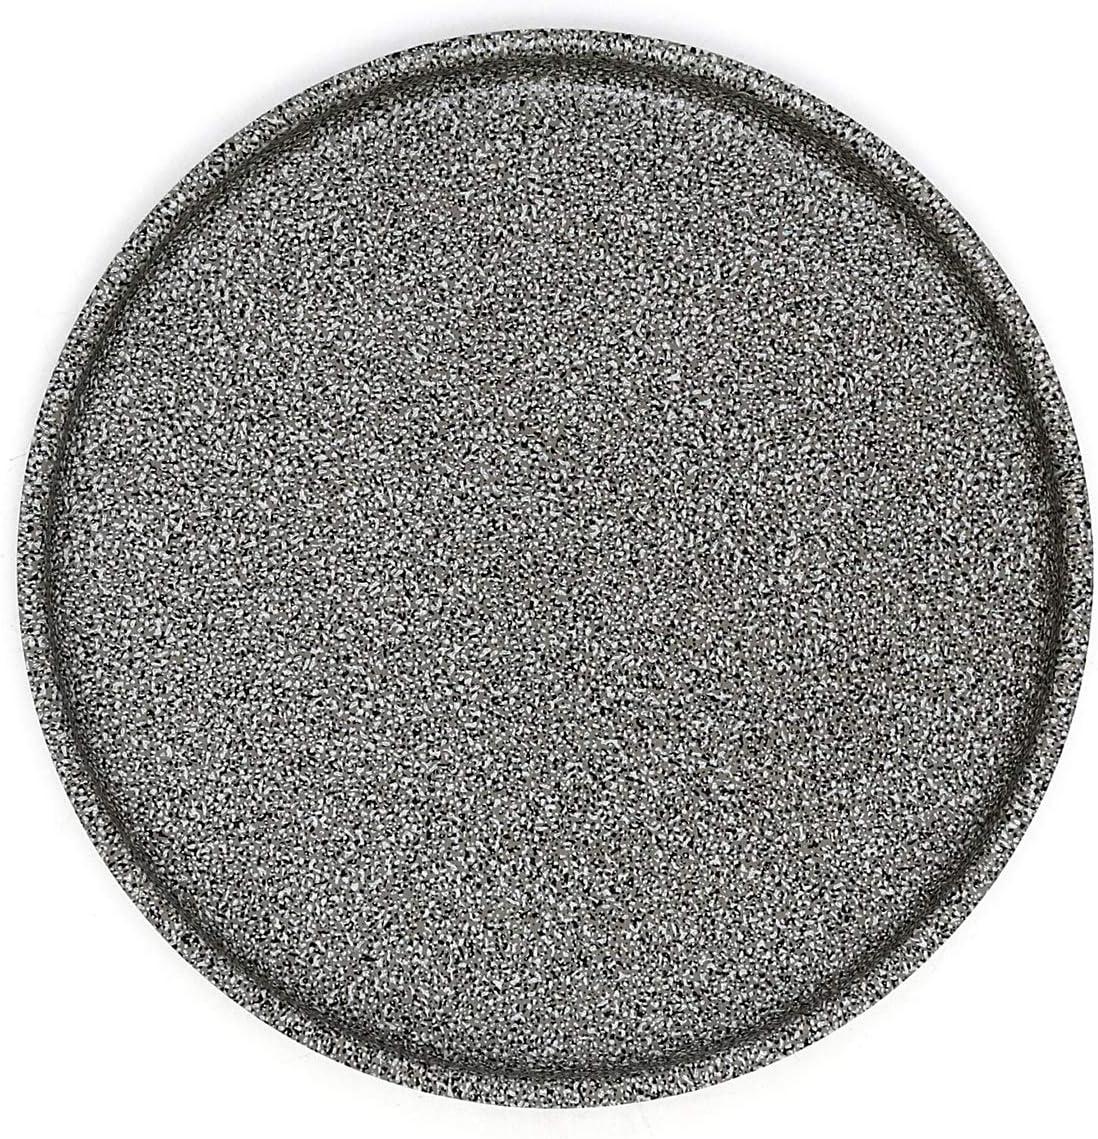 Teglia marmorea da 24 cm